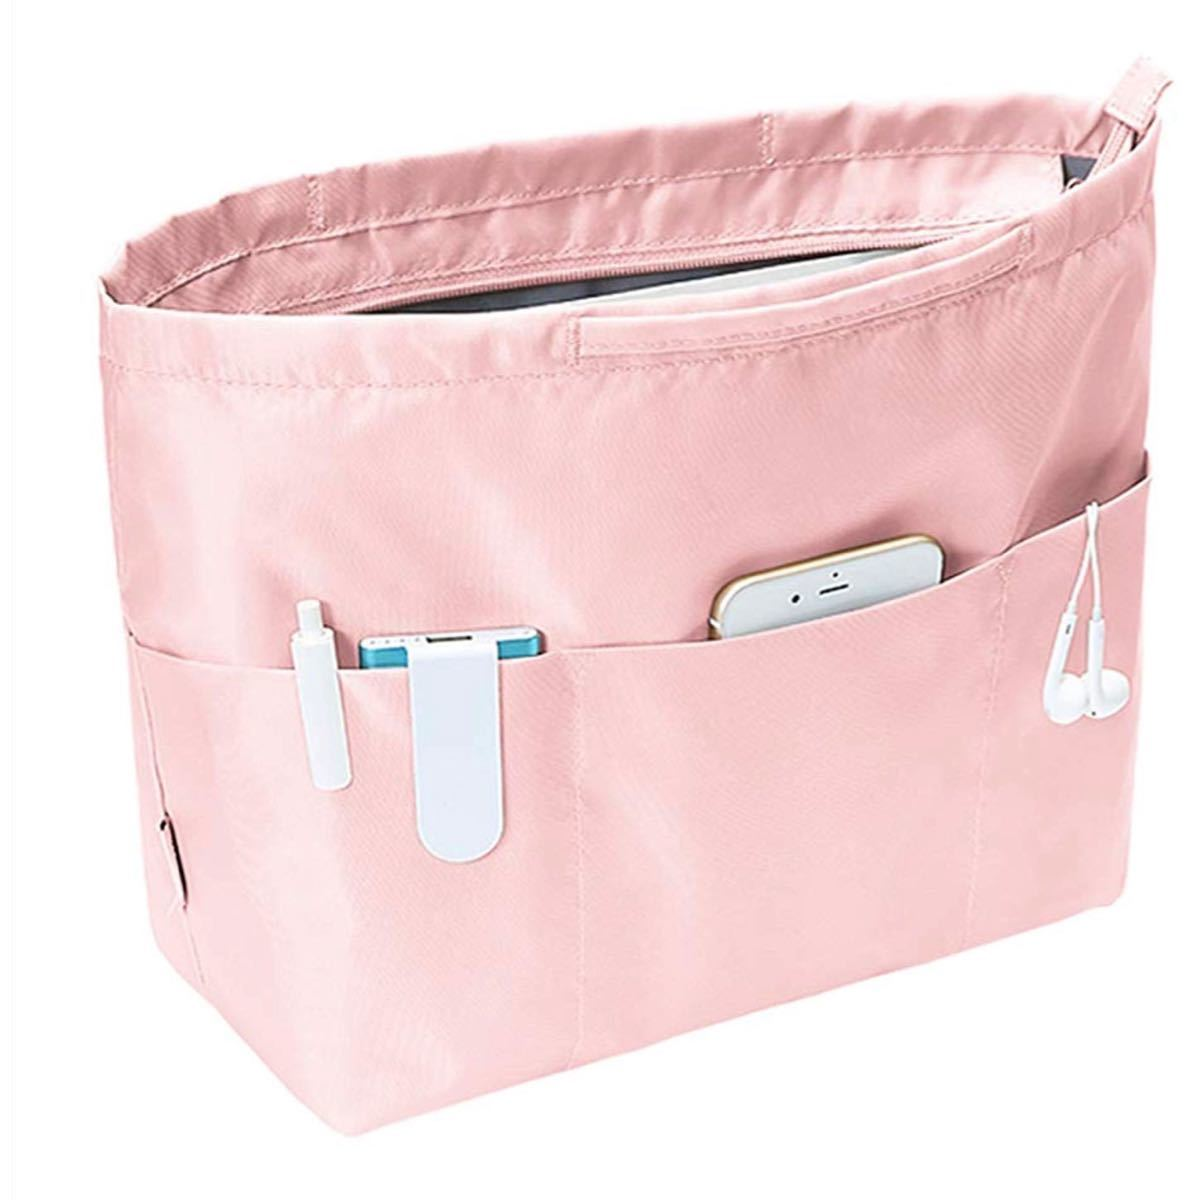 より高い型 バッグインバッグ  トートバック用 収納バッグインナーバッグ